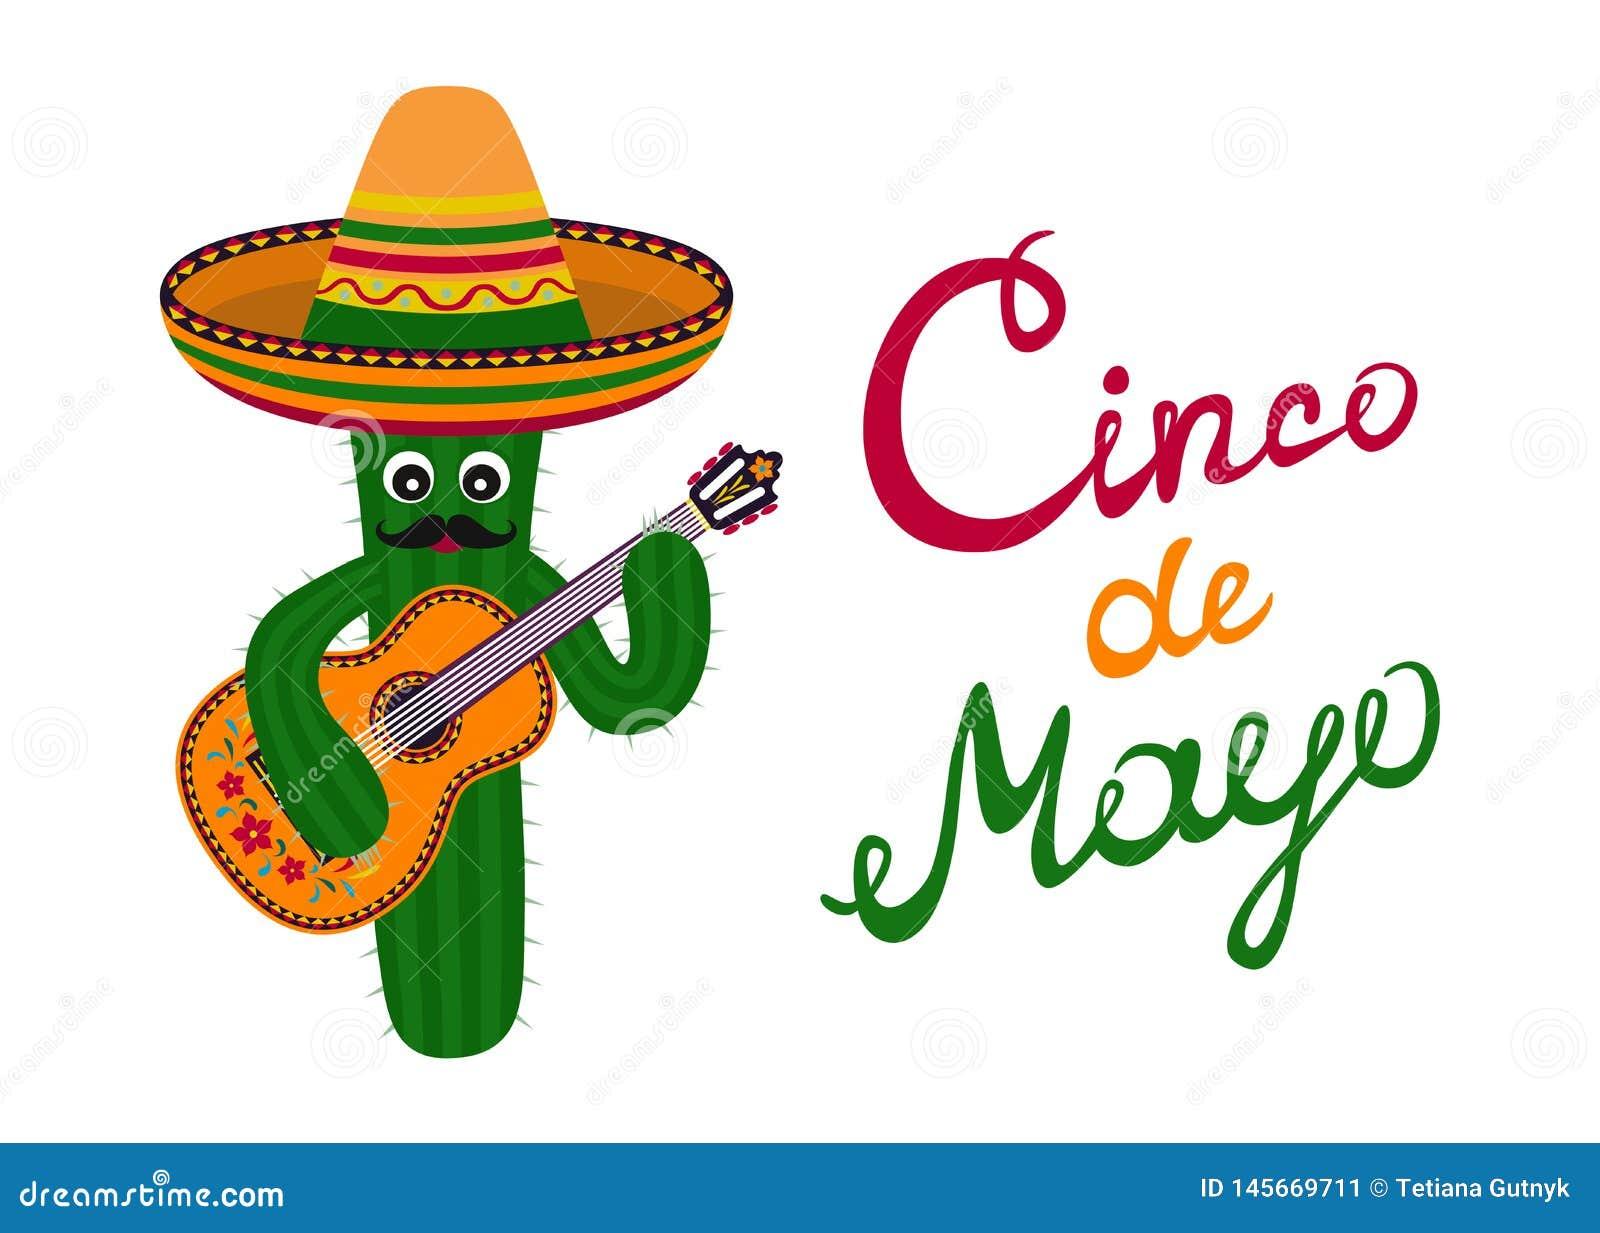 Ευχετήρια κάρτα Cinco de Mayo Artoon κάκτος Ð ¡ με το mustache στην κιθάρα παιχνιδιού σομπρέρο